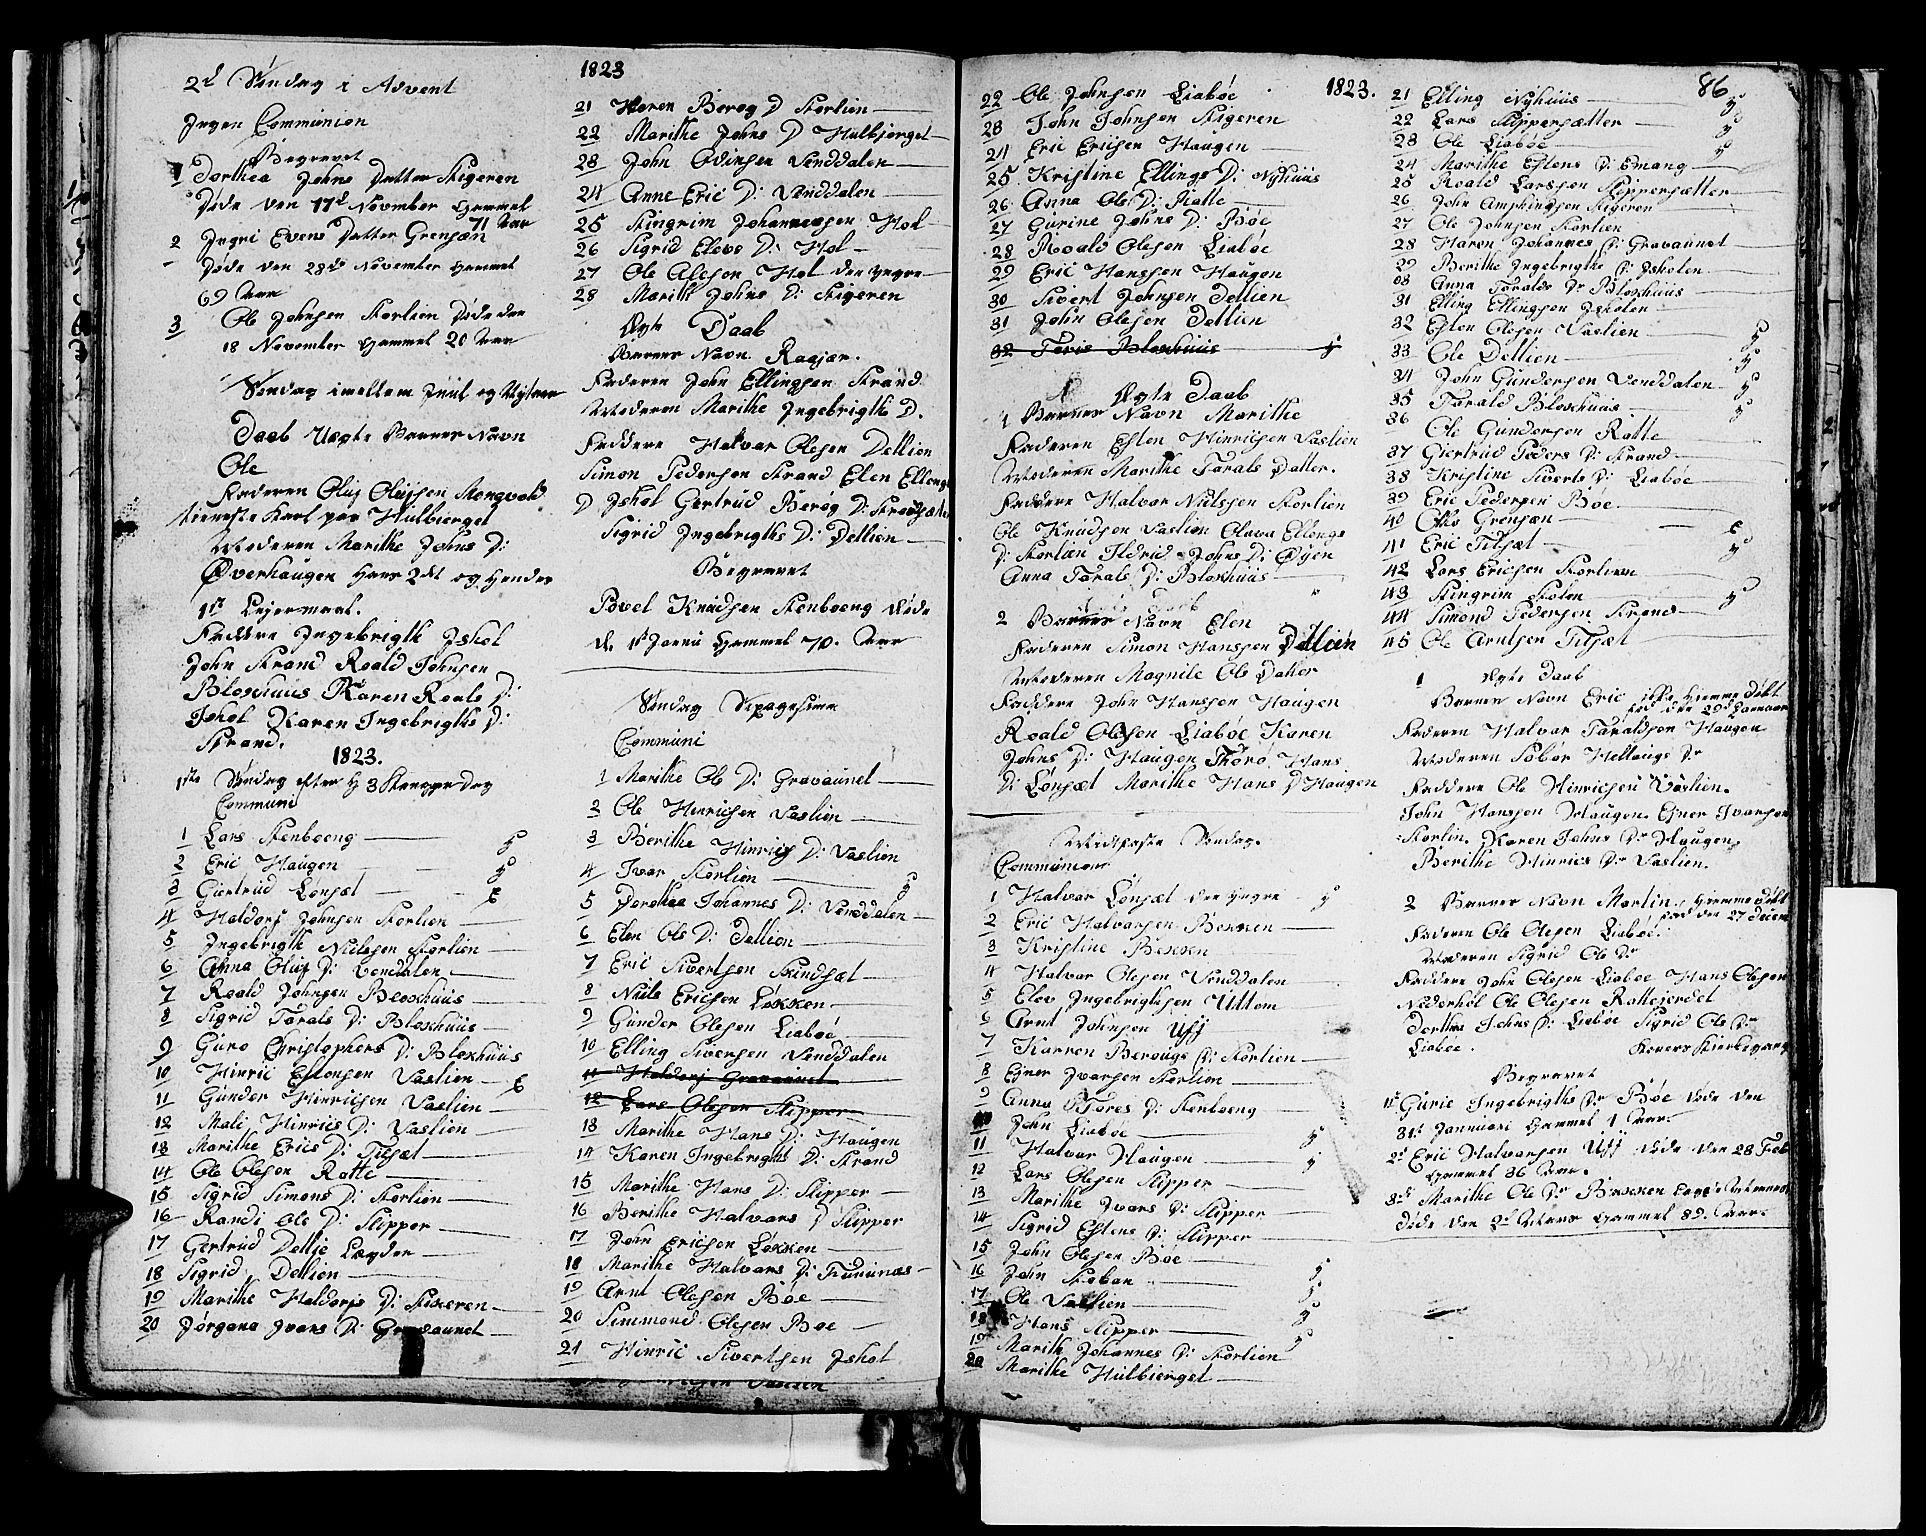 SAT, Ministerialprotokoller, klokkerbøker og fødselsregistre - Sør-Trøndelag, 679/L0921: Klokkerbok nr. 679C01, 1792-1840, s. 86